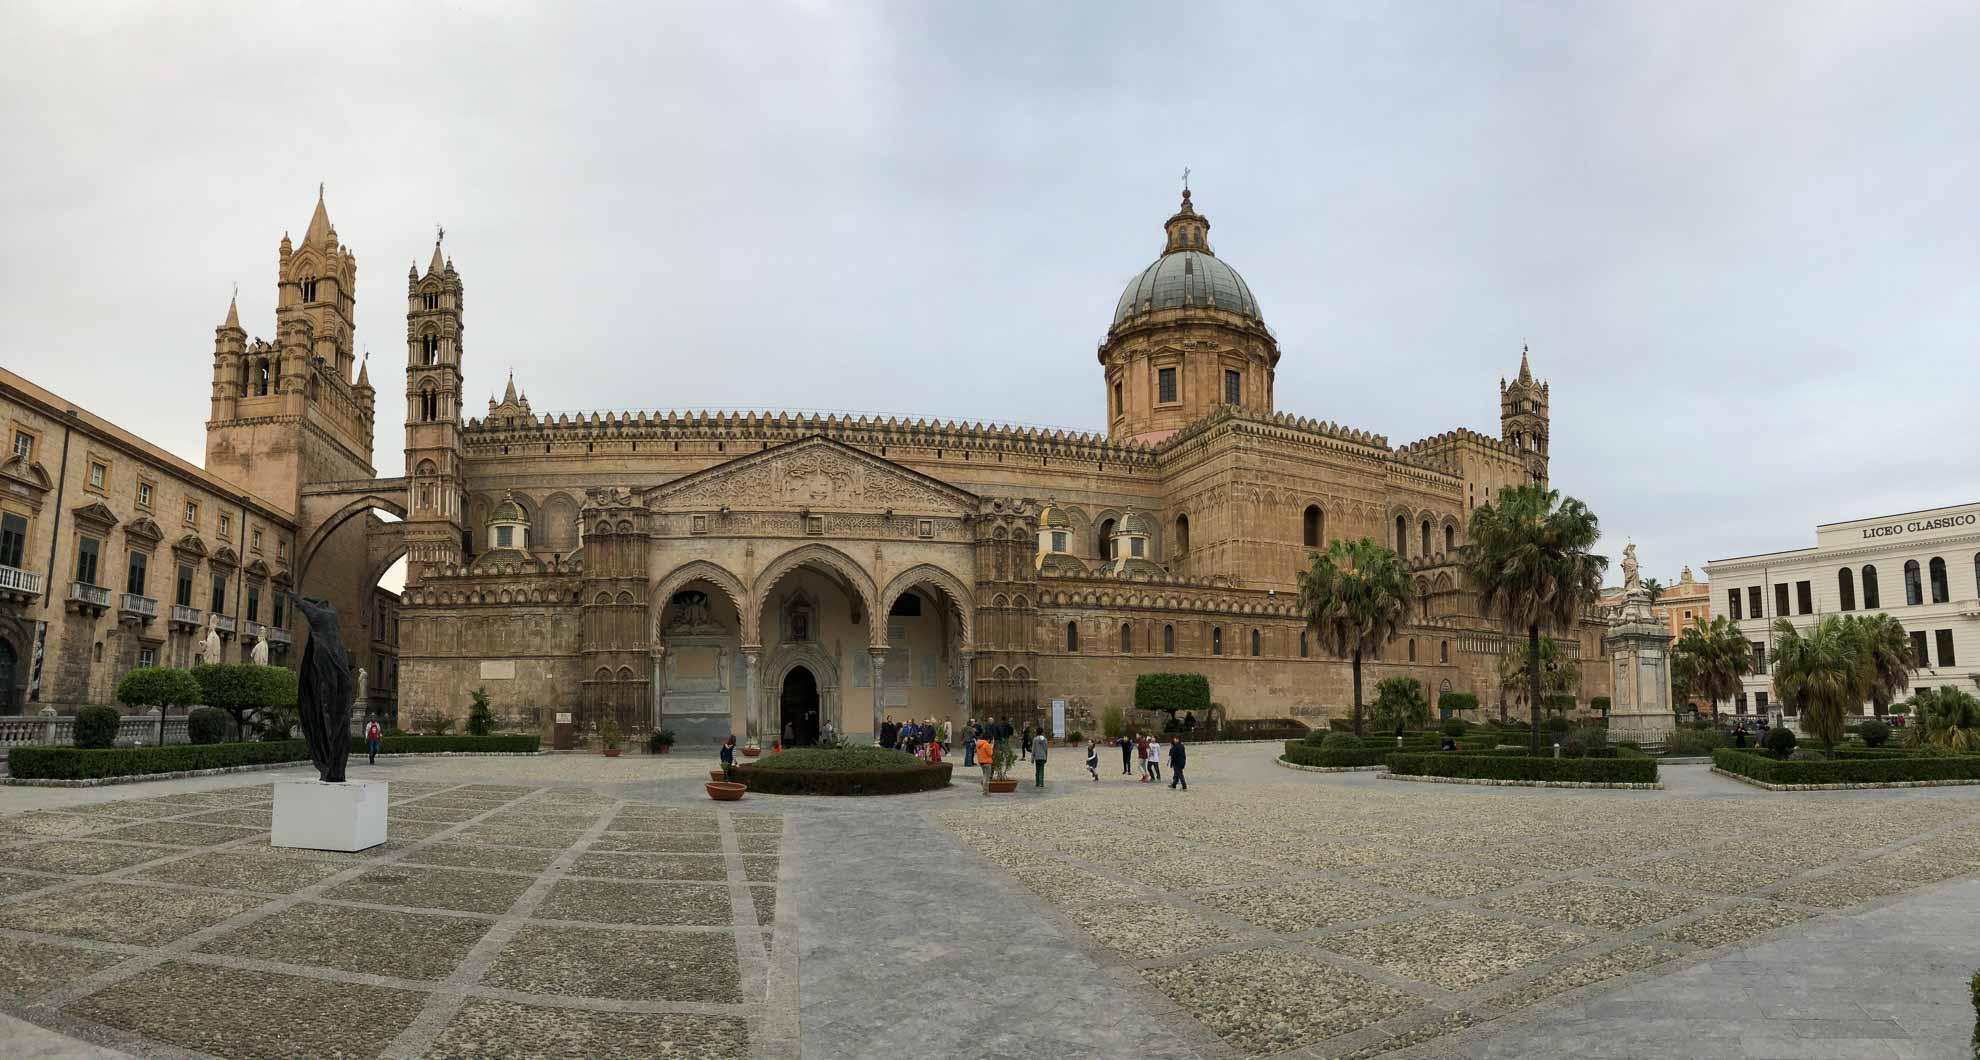 Die Kathedrale Maria Santissima Assunta wurde im 12. Jahrhundert im normannisch-arabischen Stil errichtet.